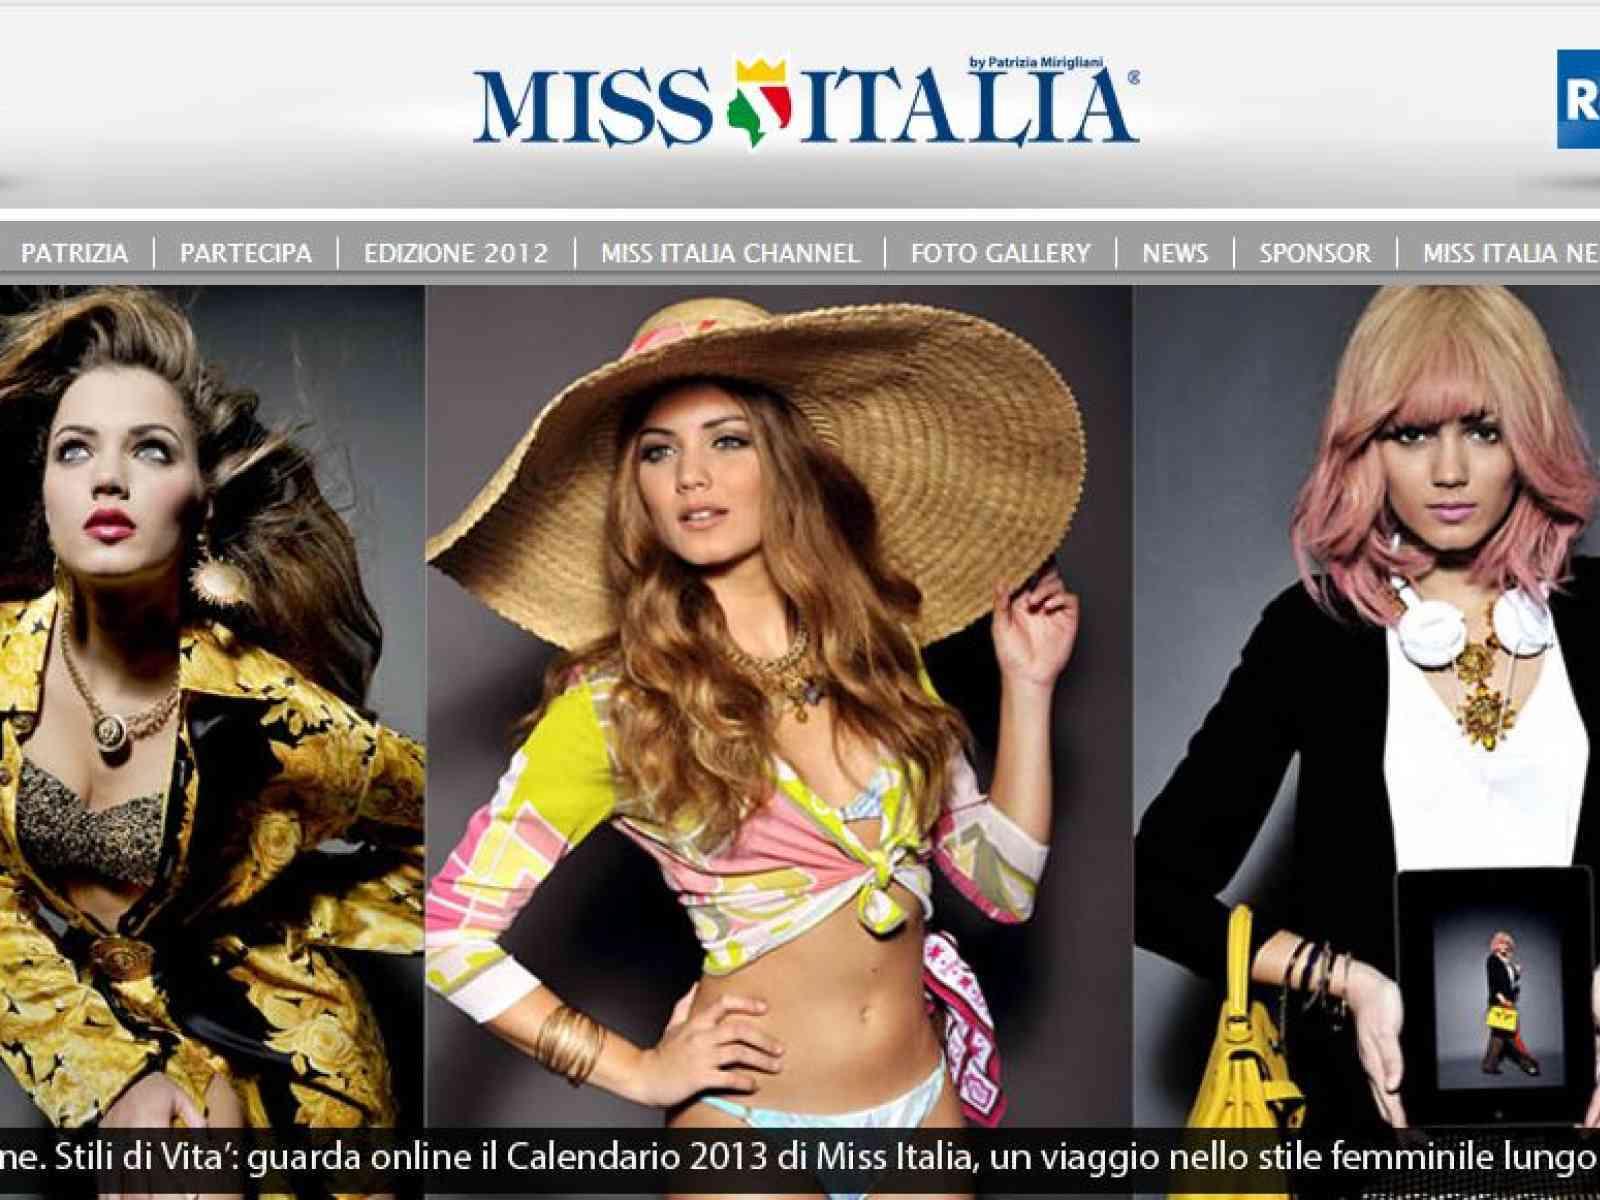 Giusy Buscemi Calendario.Giusy Buscemi Protagonista Del Calendario 2013 Di Miss